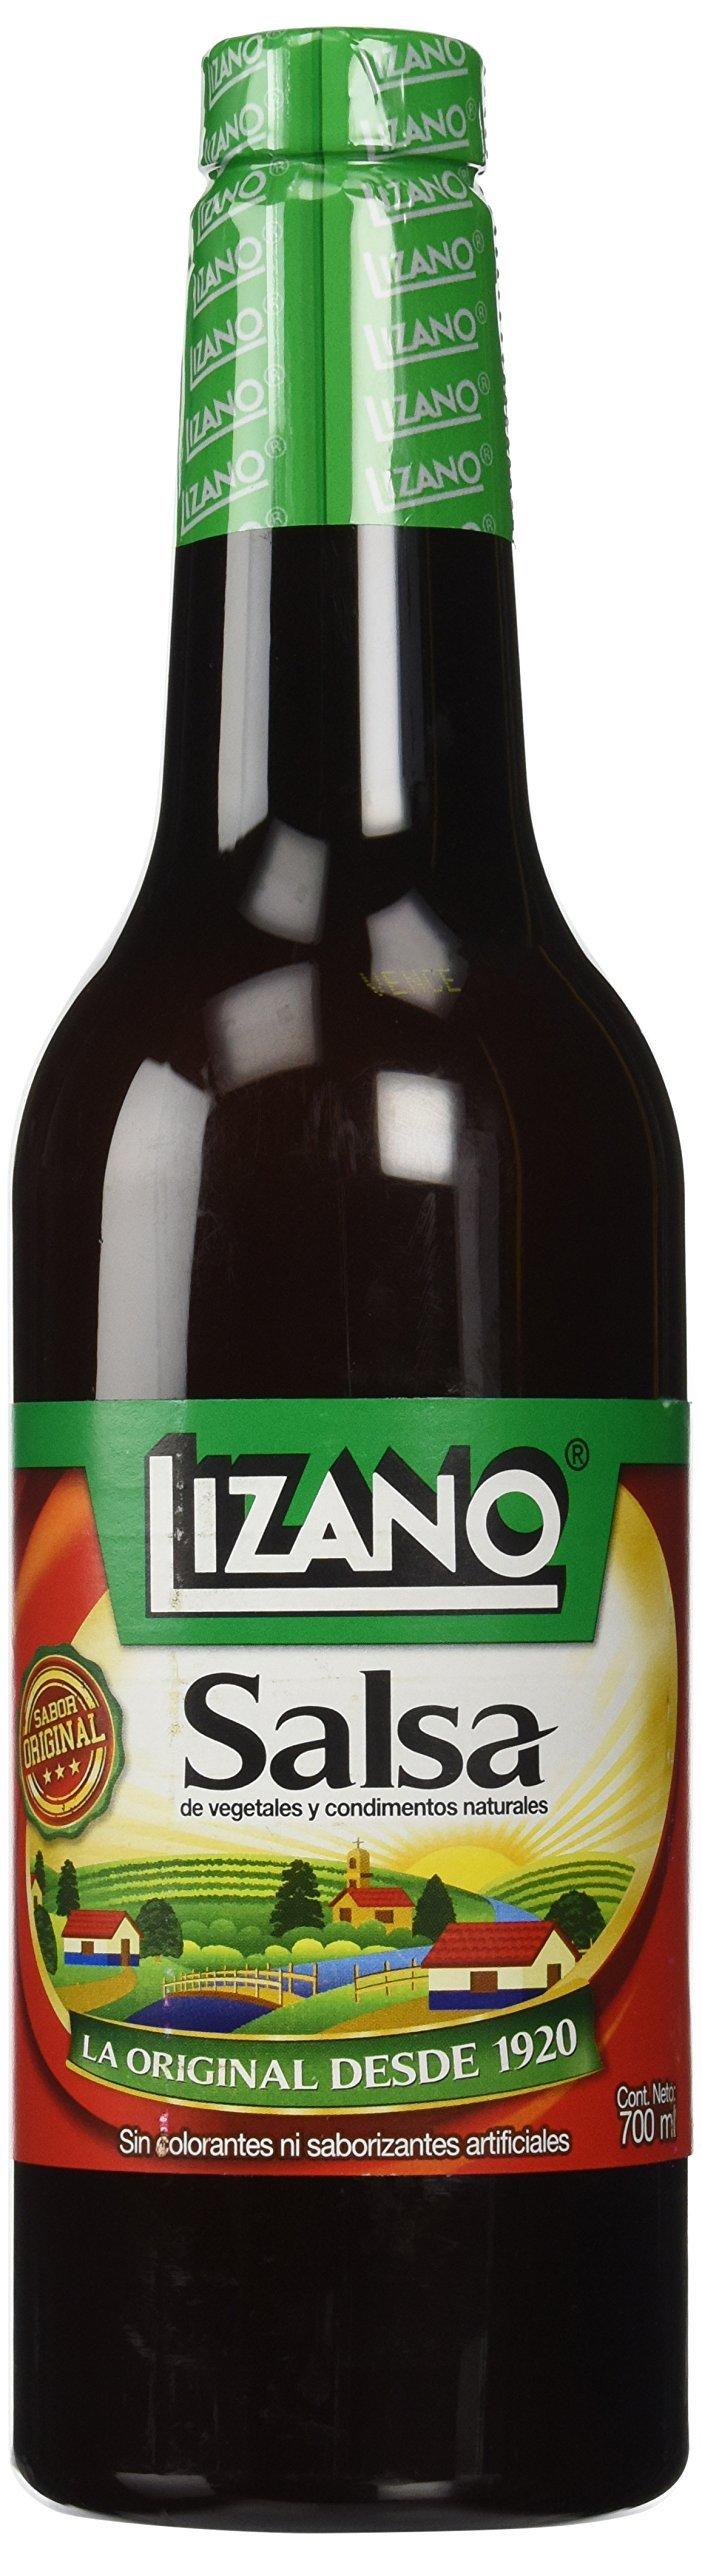 Lizano Salsa 700 mL - 2 bottles